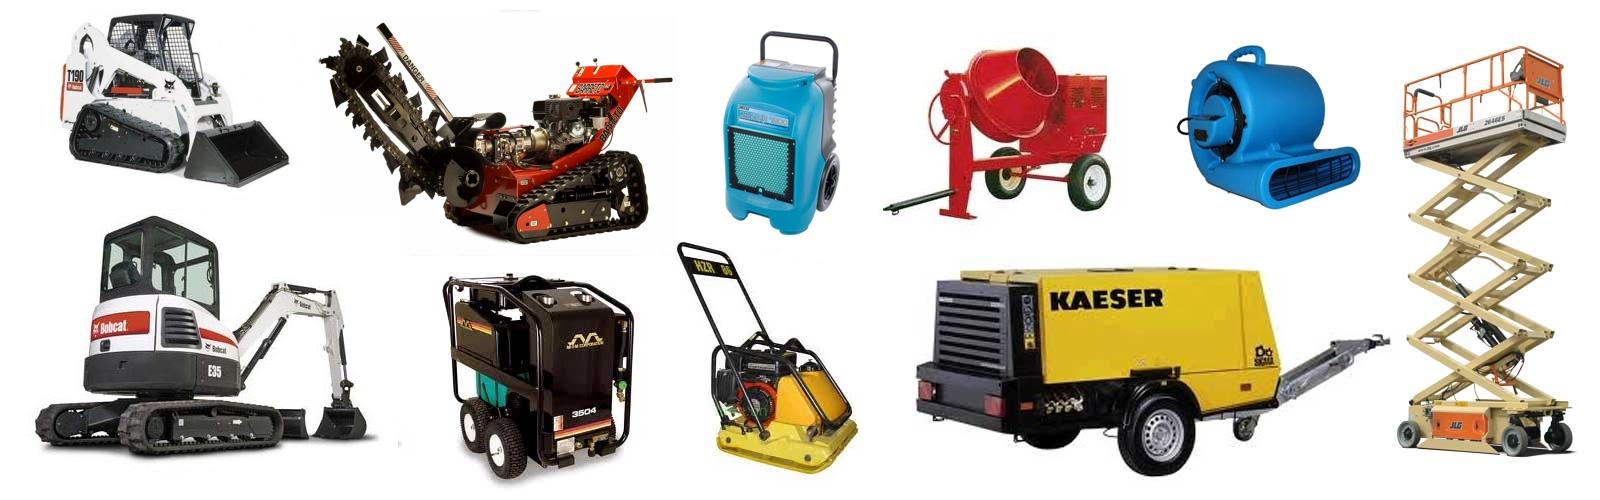 Equipment Rental In Eunice La Contractor Tool Rentals In